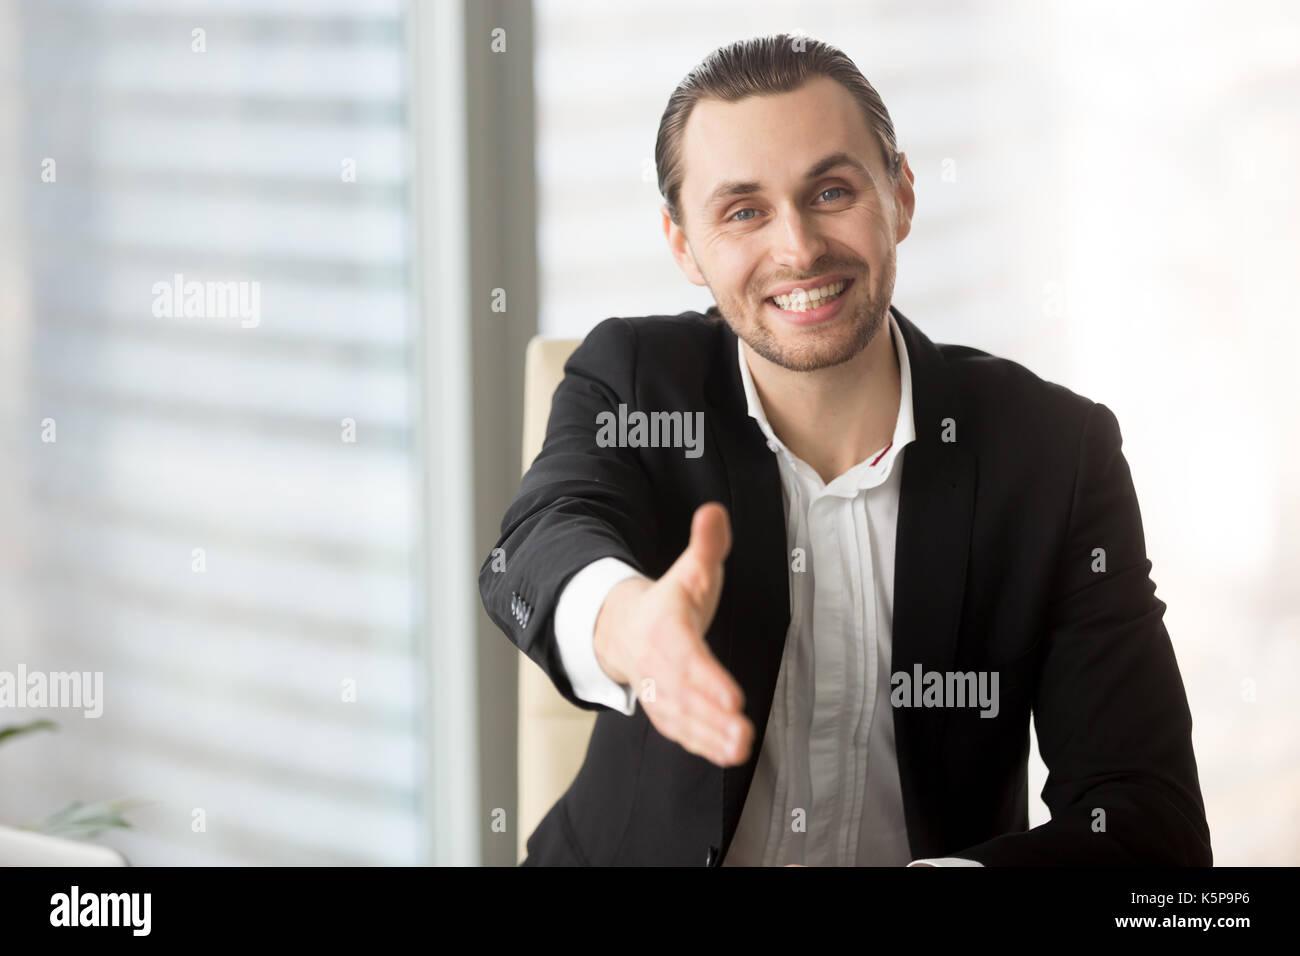 Gentile imprenditore sorridente offrendo la mano per il messaggio di saluto o d'accordo Immagini Stock